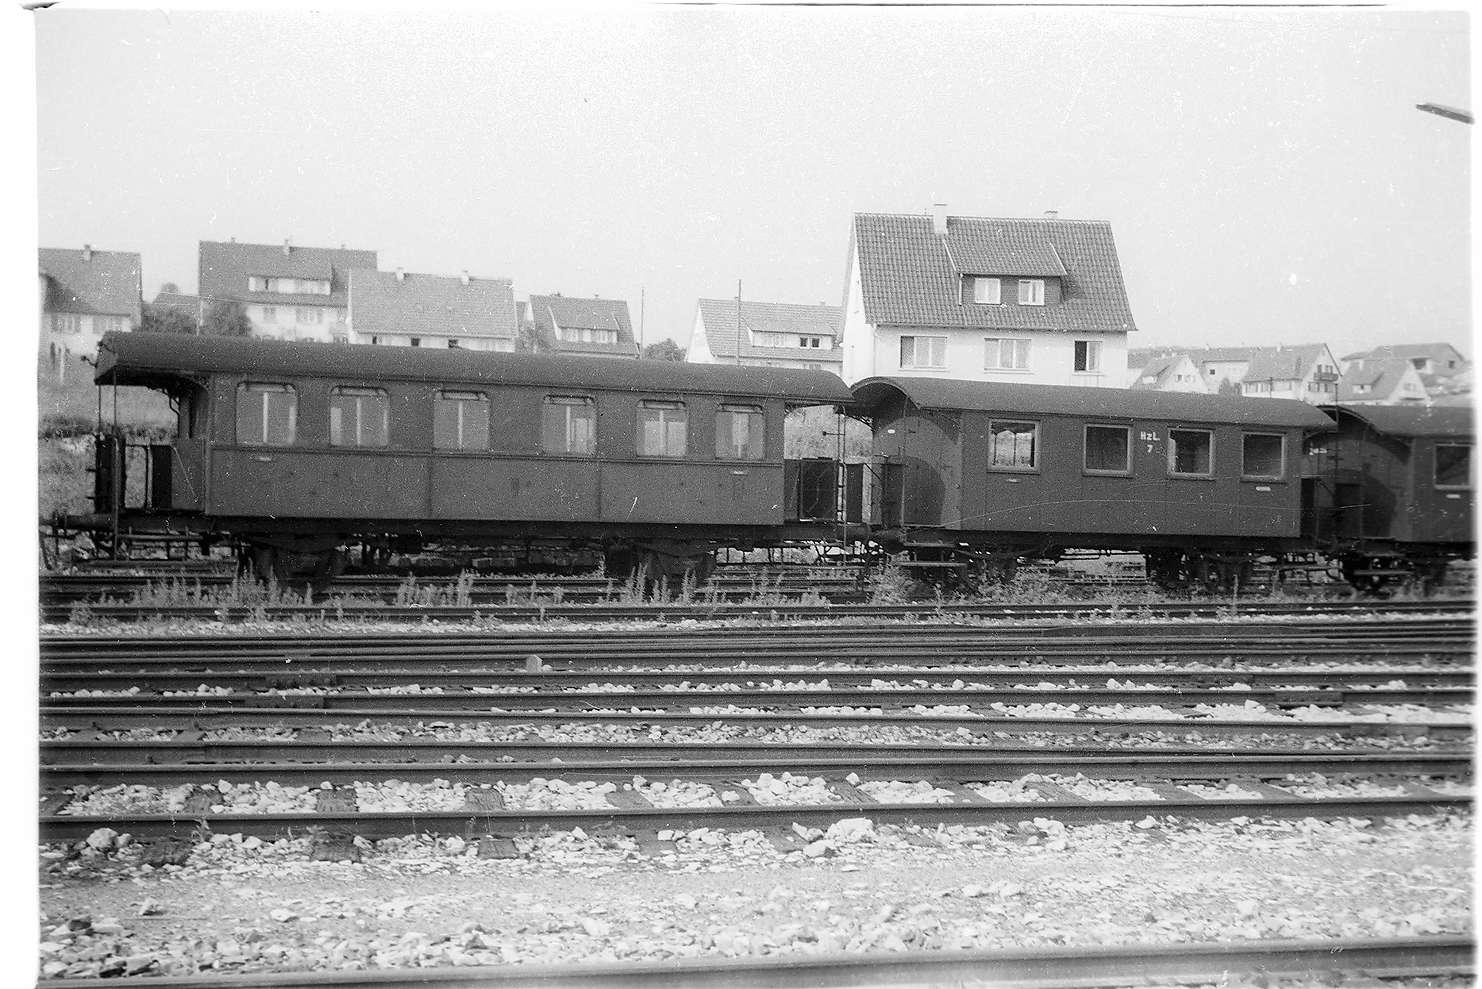 Bahnhof Gammertingen, Personenwagen Nr. 15 und andere abgestellte Personenwagen von 1901, 2009 im denkmalgeschützren Hohenzollernzug, Bild 1